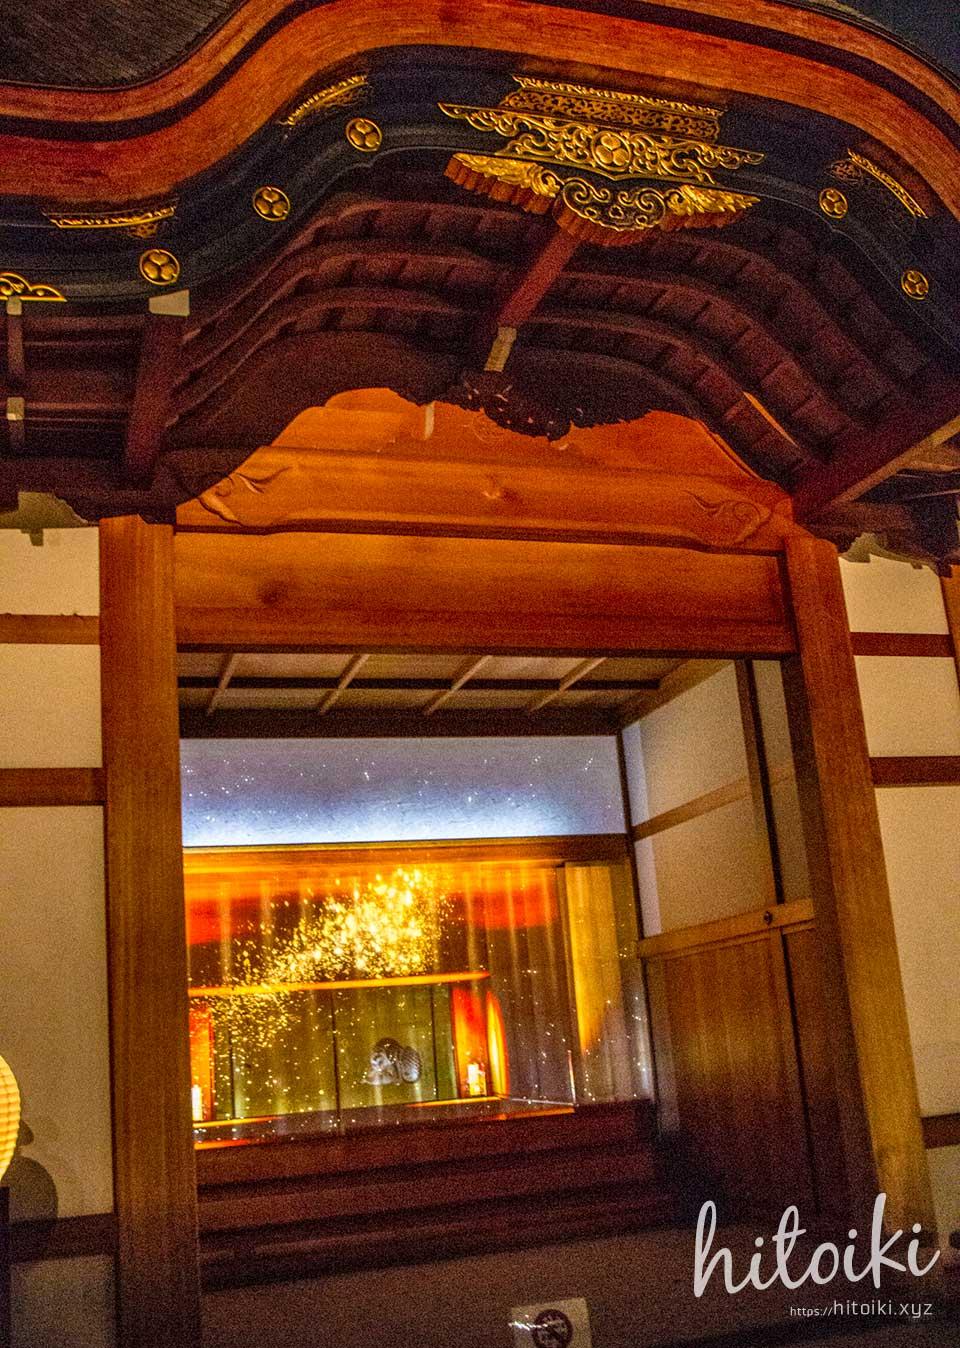 冬は名古屋城デートがオススメ!プロジェクションマッピングが開催!アクセス方法とレポートをまとめた! nagoyajo_nagoya-nightcastle_img_8374